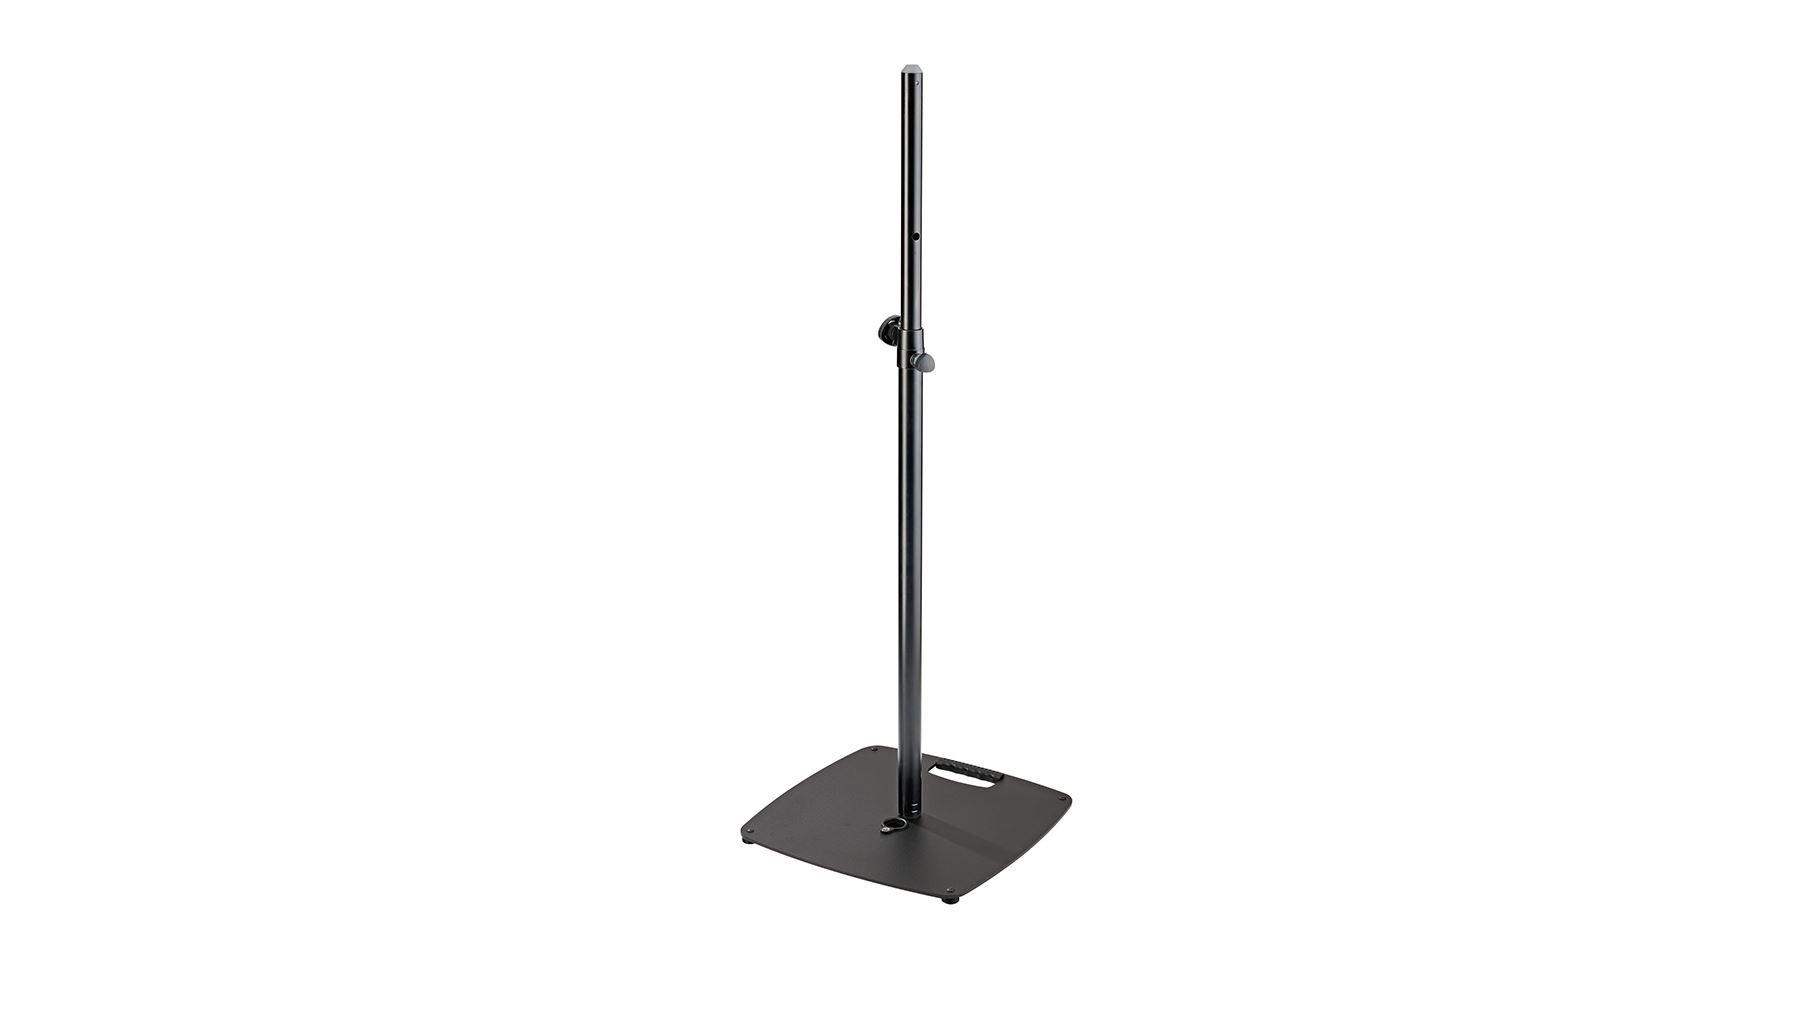 Konig & Meyer Black 26734 Flat Base Speaker Stand